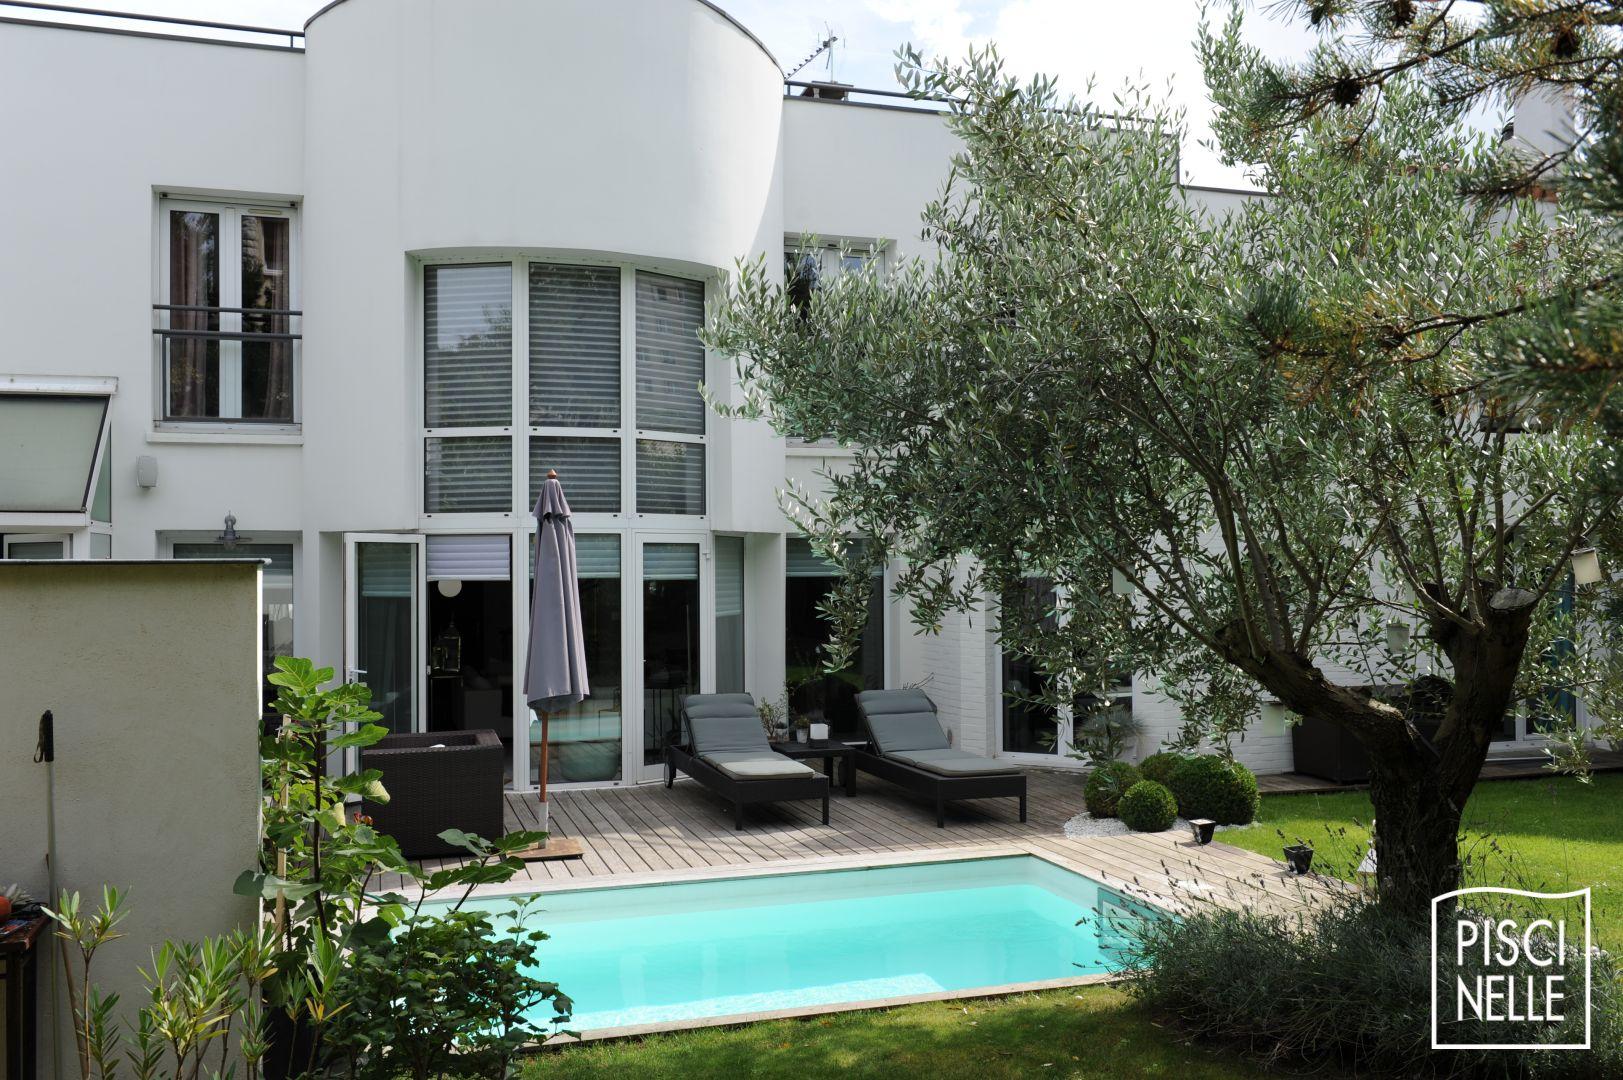 reportage photo petite piscine de centre ville suresnes piscinelle. Black Bedroom Furniture Sets. Home Design Ideas